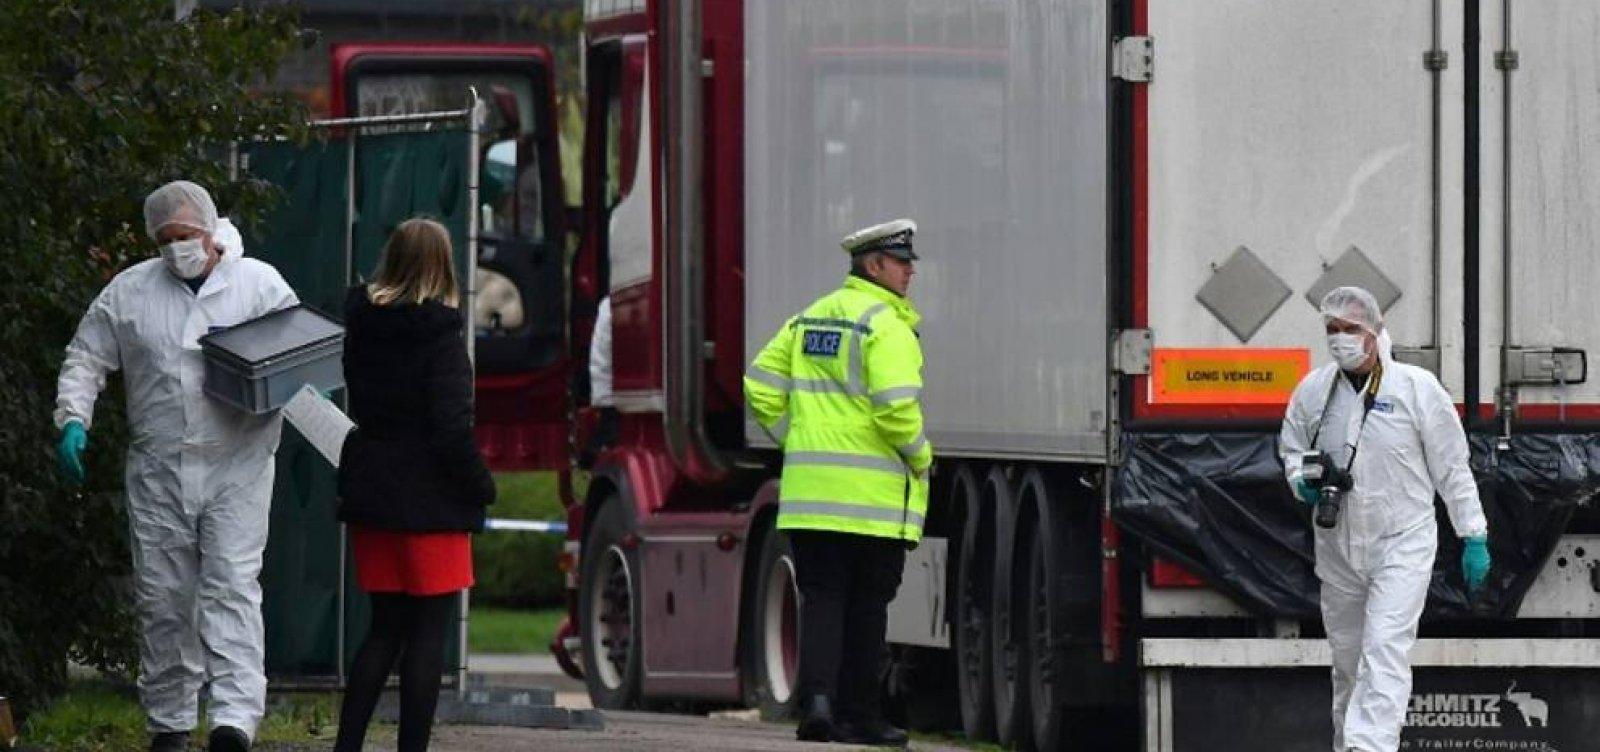 [39 mortos em caminhão no Reino Unido são de nacionalidade chinesa]